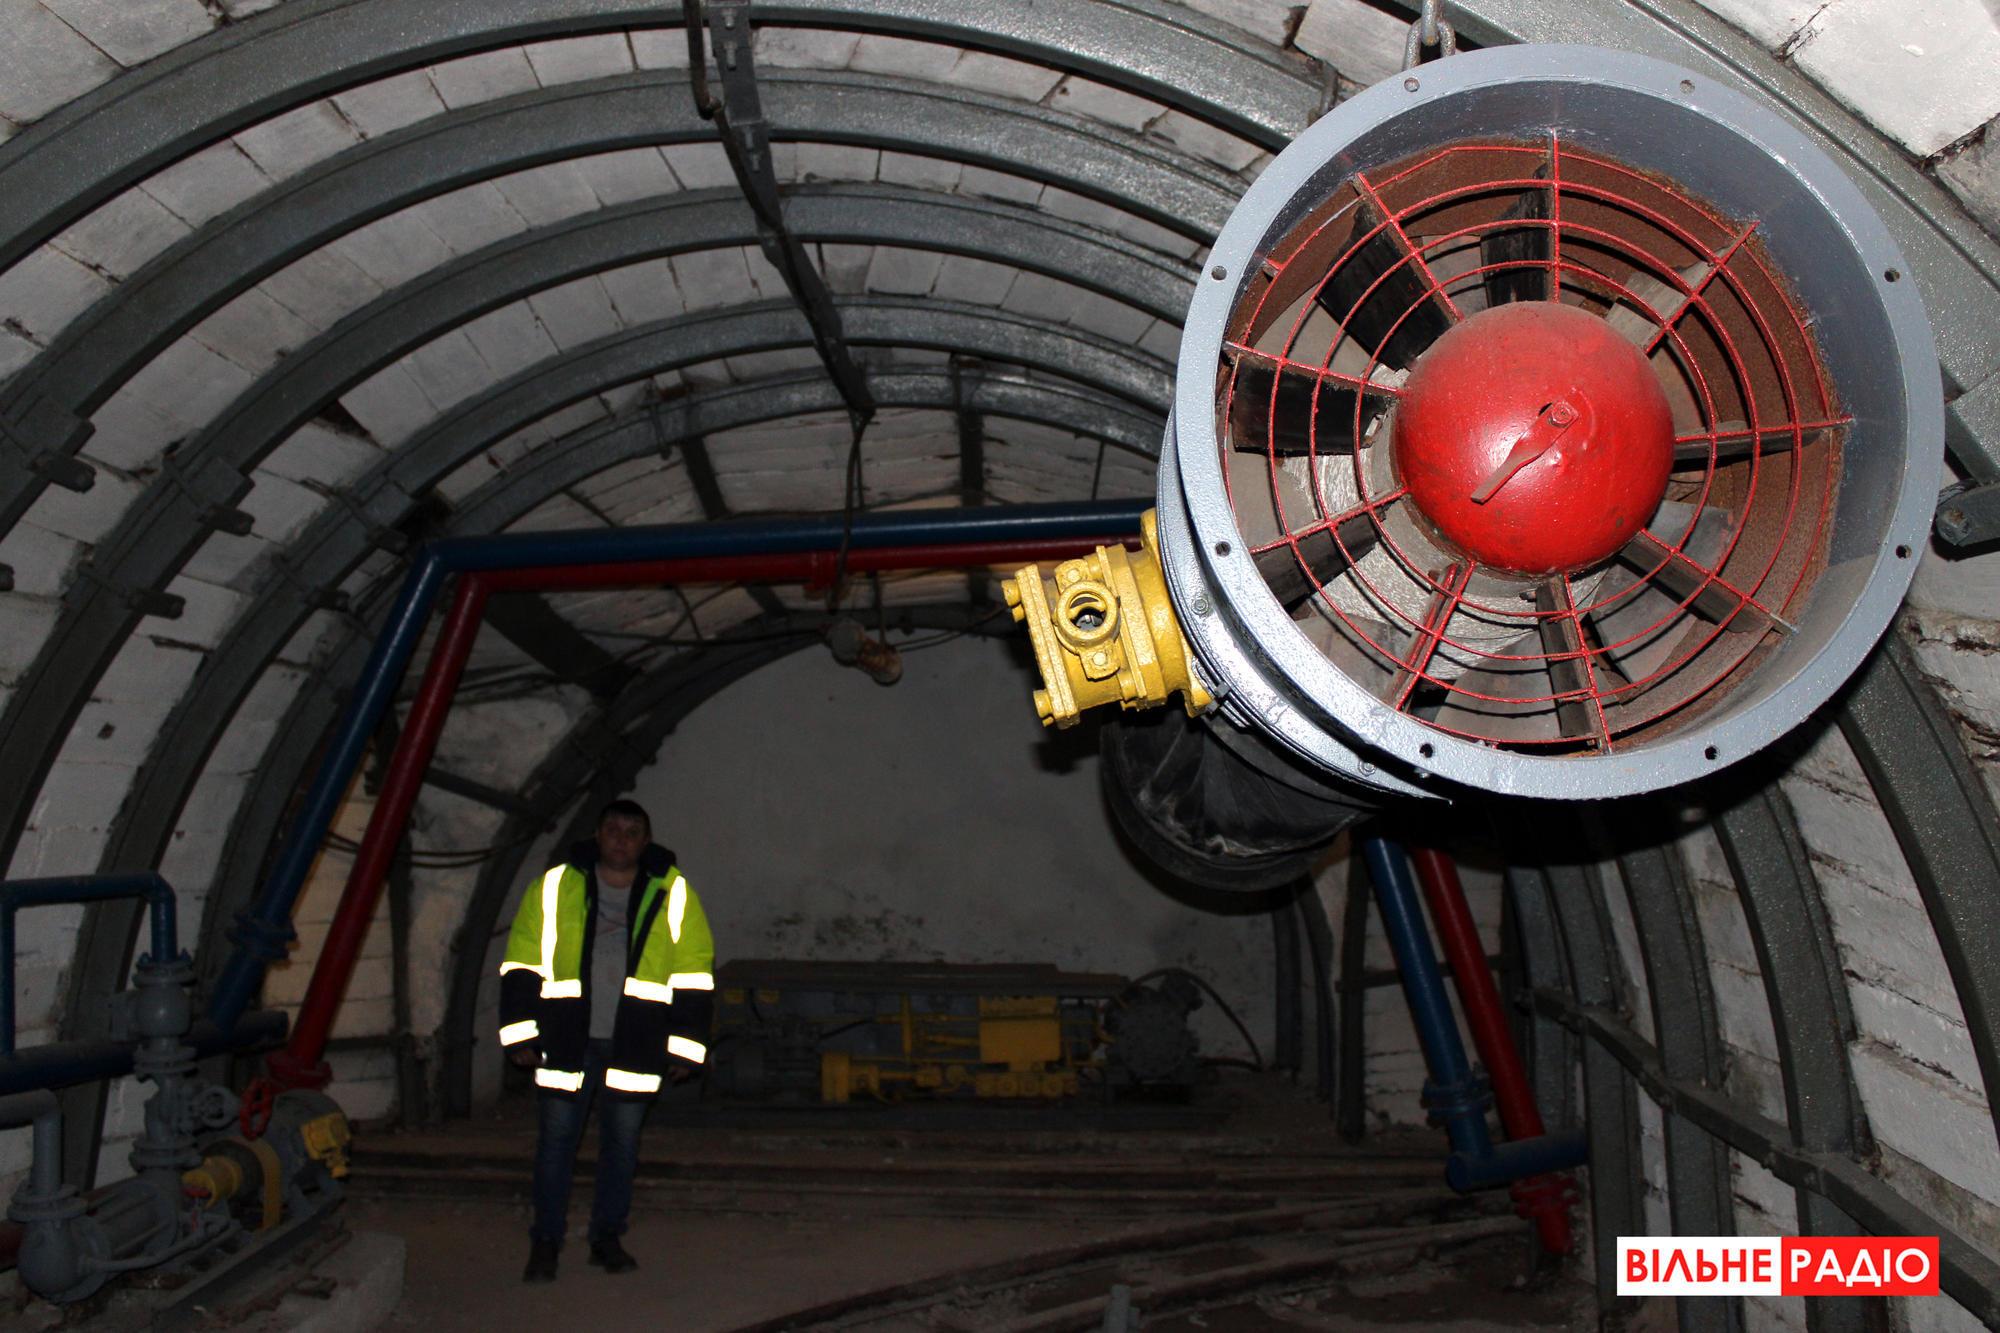 Вентилятор, который проветривает горные выработки. Фото из учебной шахты в Торецке